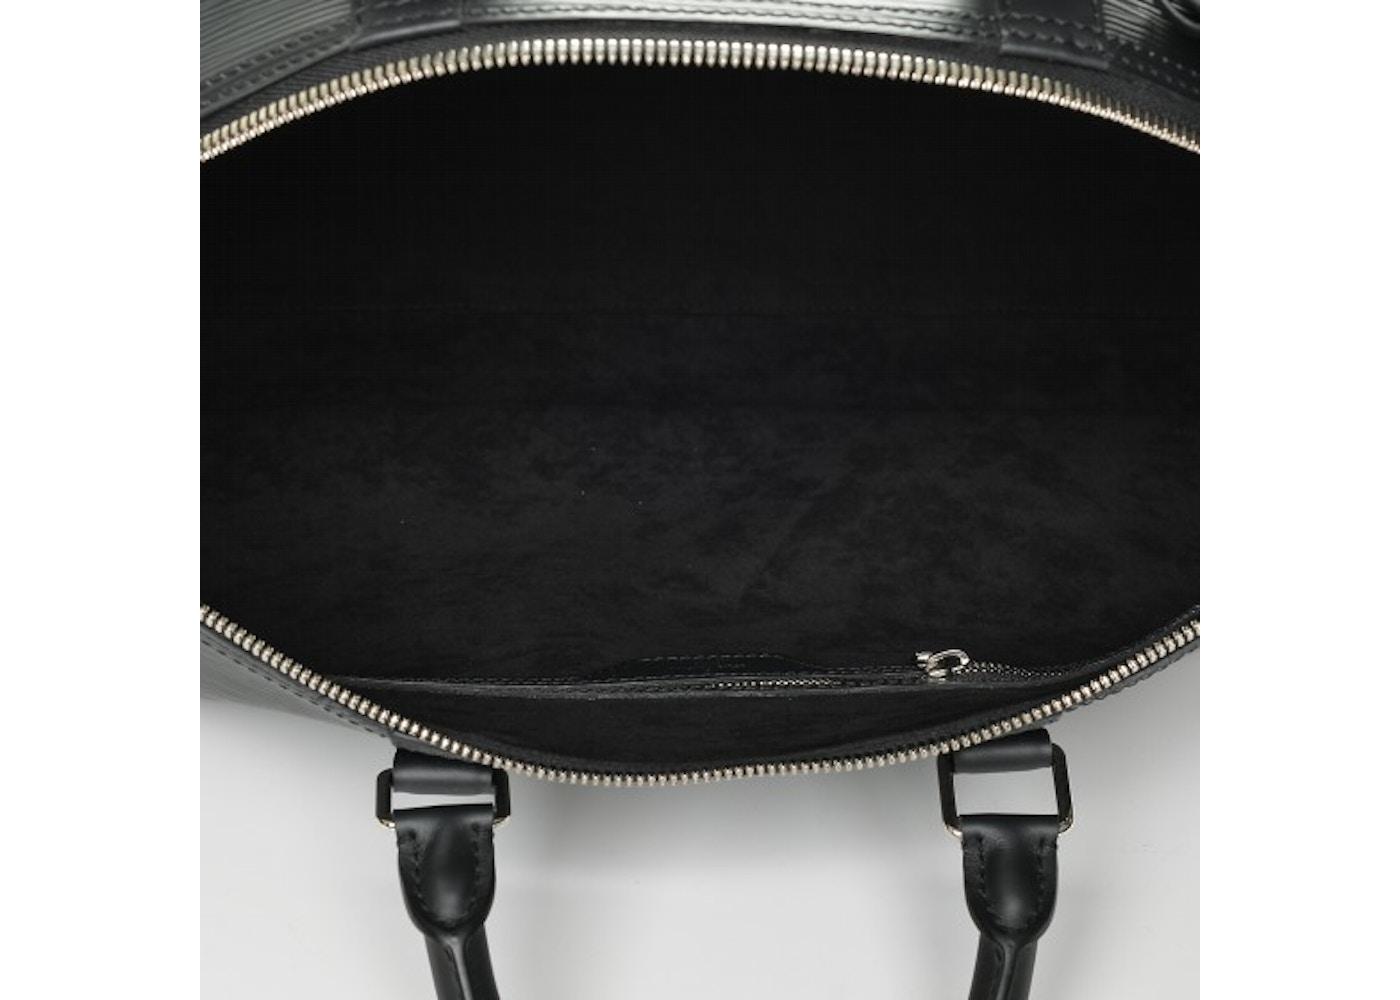 bf9280ffc052 Louis Vuitton x Supreme Keepall Bandouliere Epi 55 Black